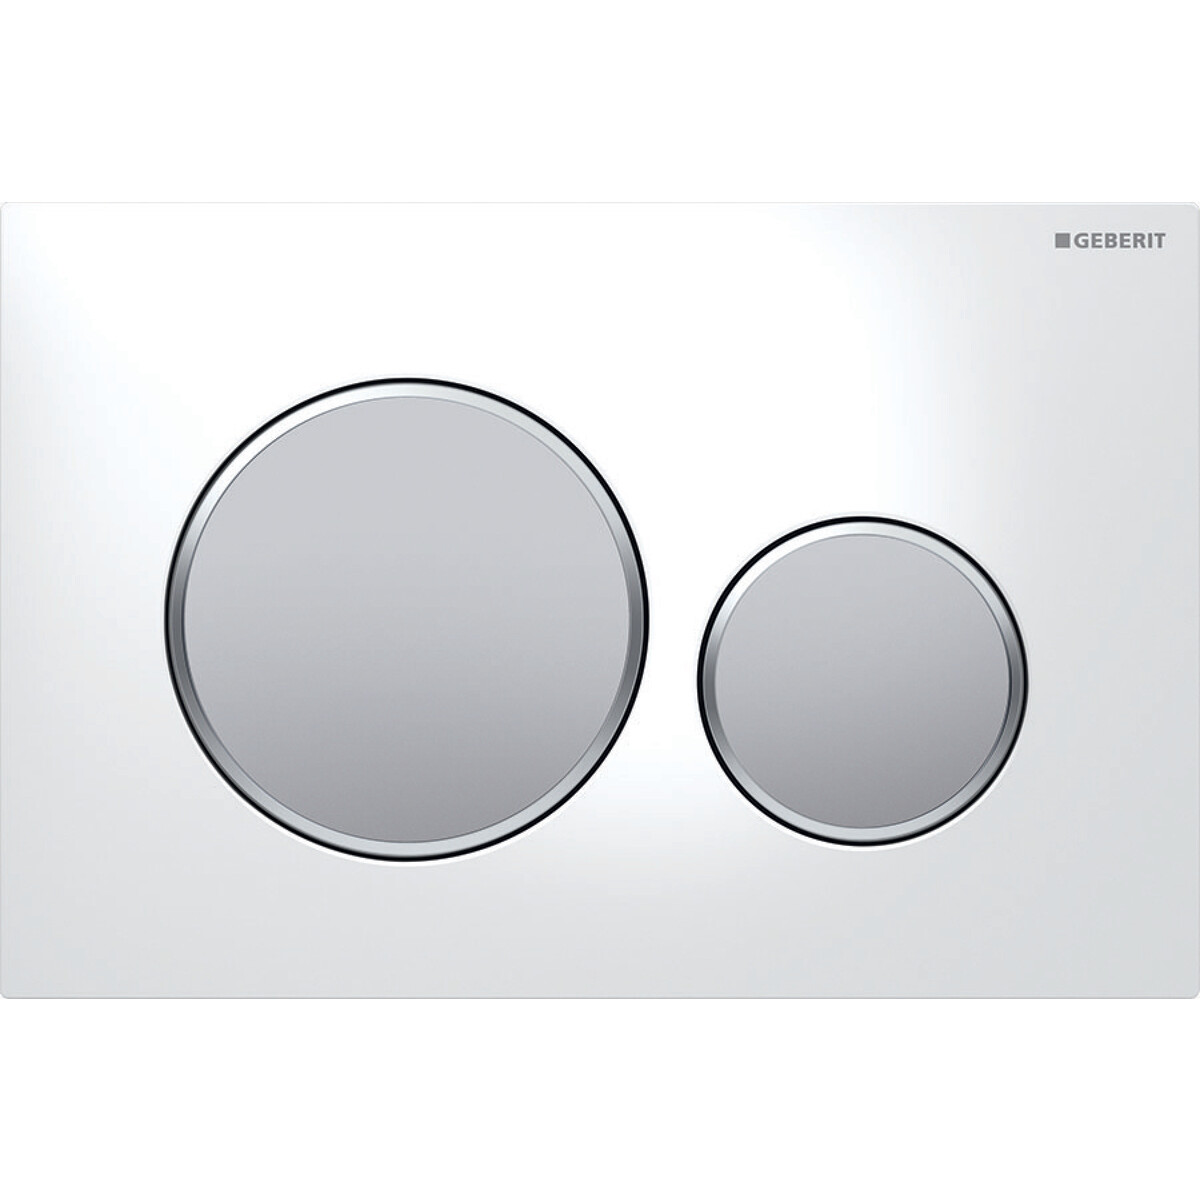 Plaque de déclenchement Geberit Sigma20 / Blanc - Chromé mat